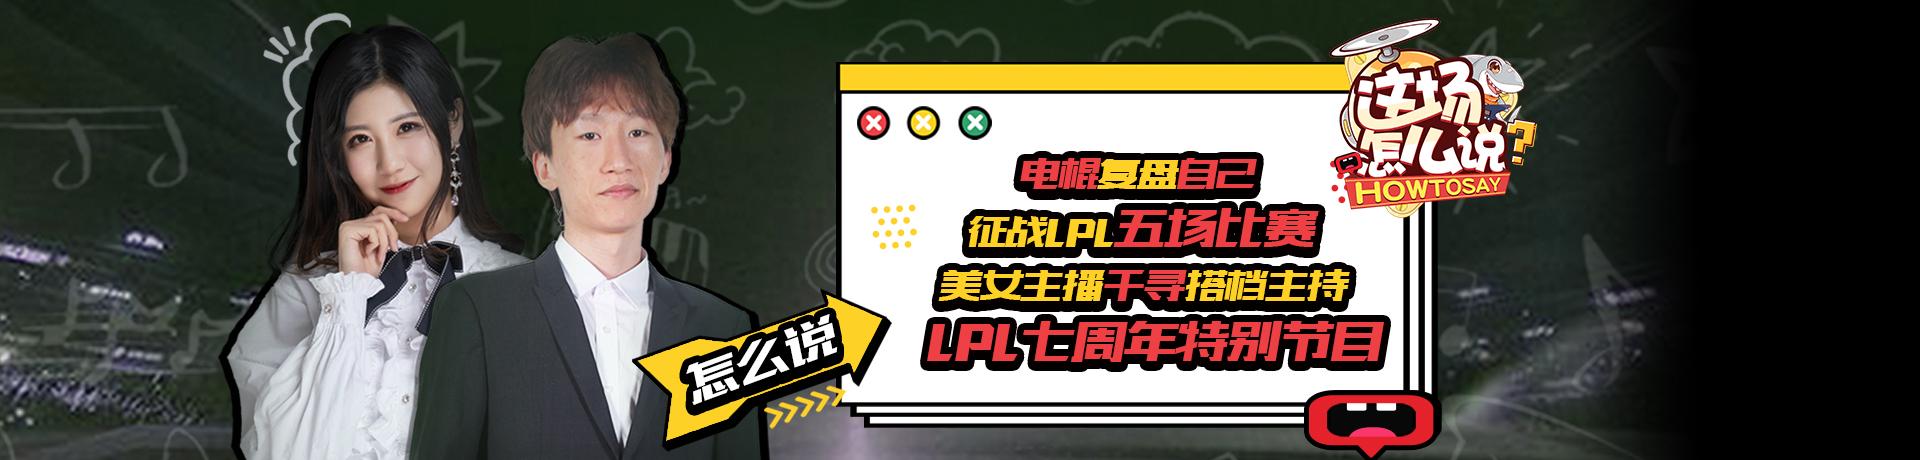 游戏资讯:斗鱼电棍复盘LPL比赛!搭档千寻主持《这场怎么说》